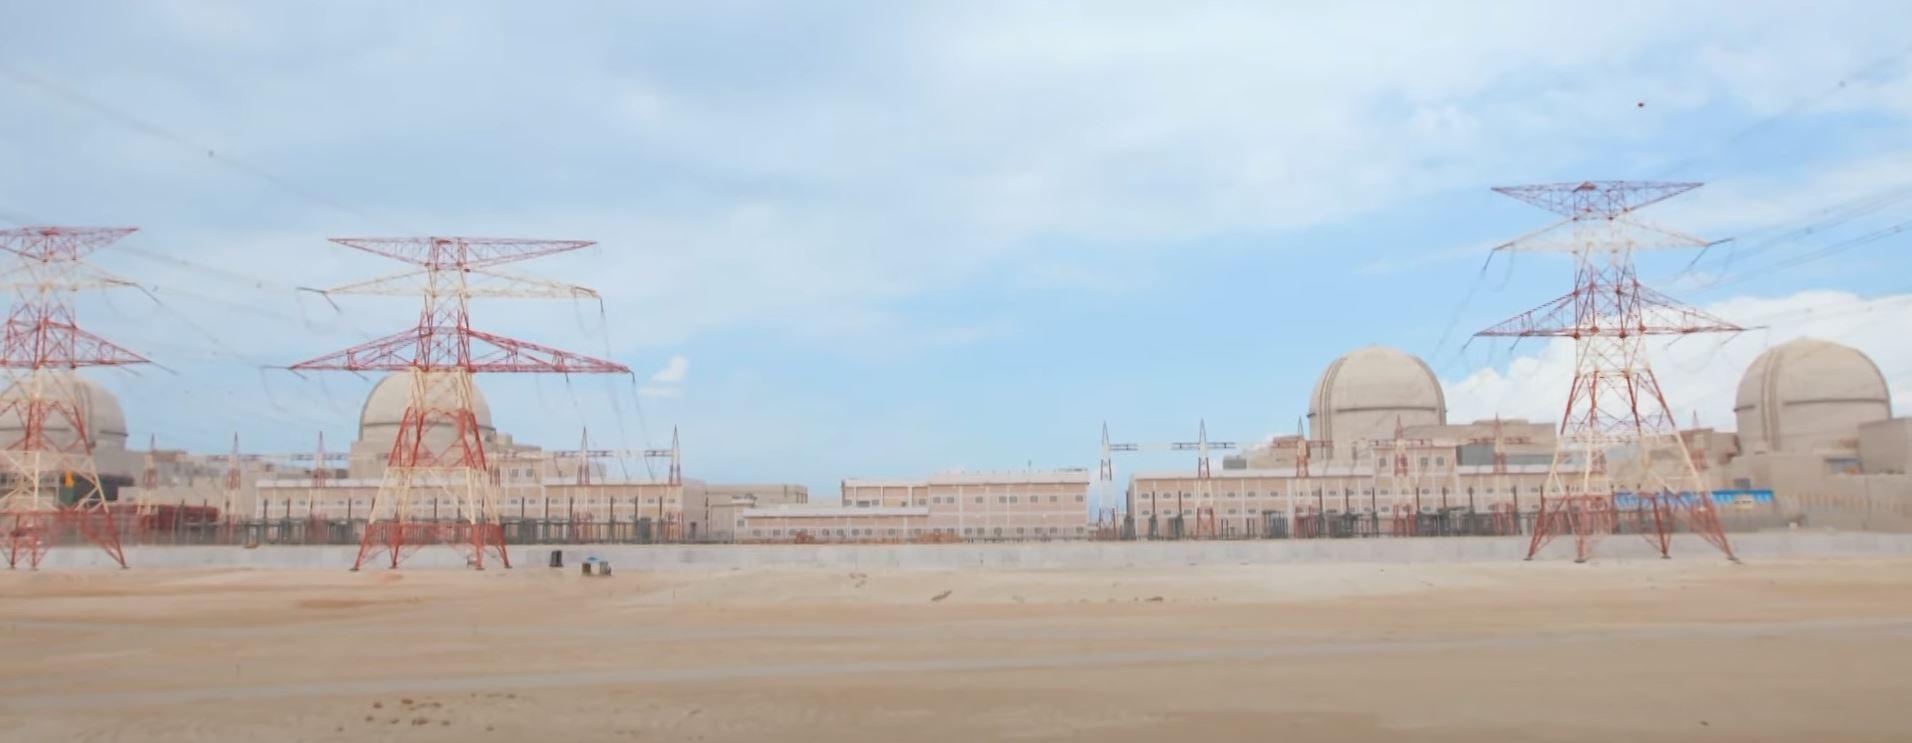 BAE, Arap dünyasının ilk nükleer santralini # 3 başlattı